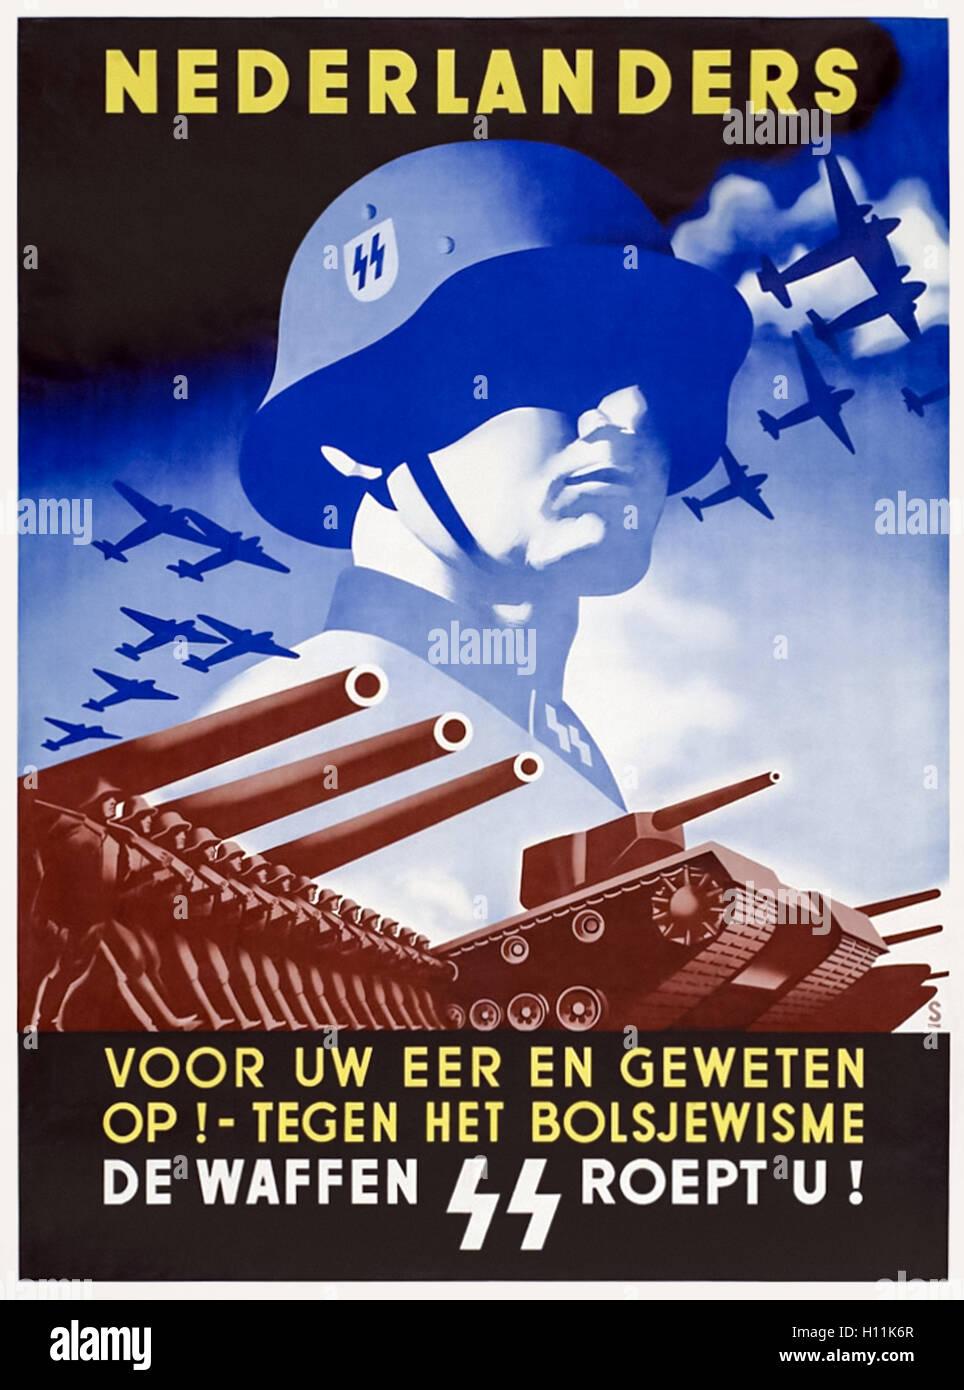 'Nederlanders Voor Uw Eer En Geweten Op! - Tegen het Bolsjewisme' (Netherlanders: For Your Honour and Conscience - Stock Image